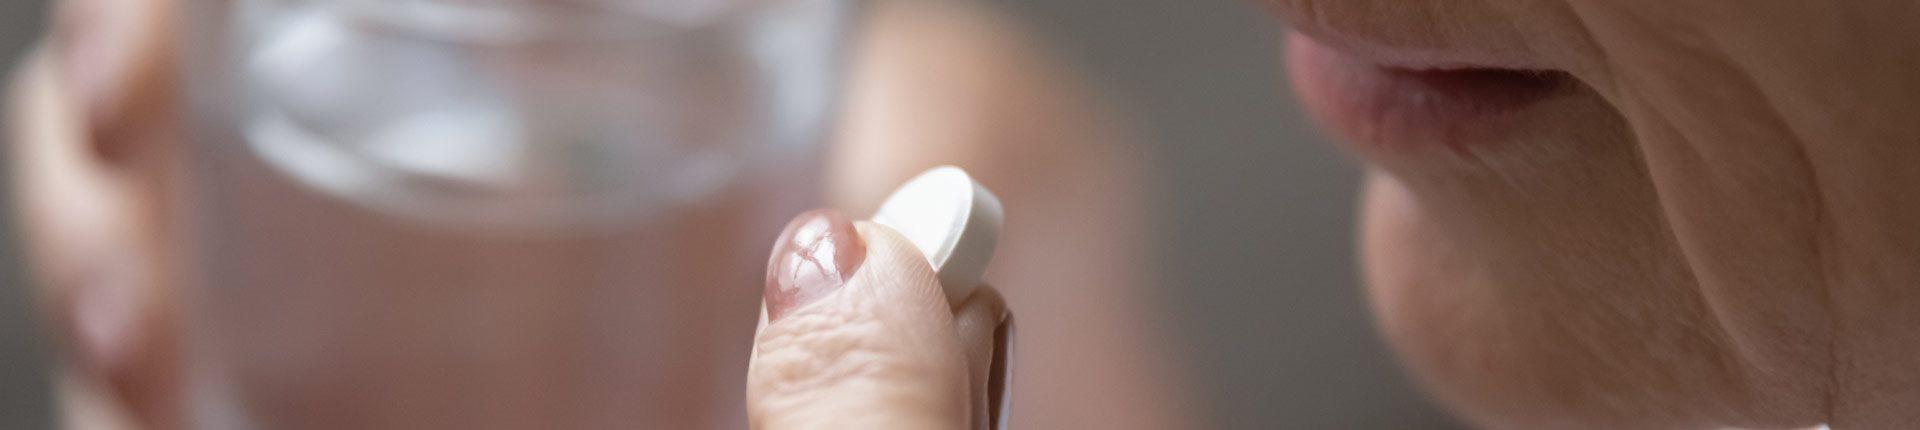 Aspiryna, a ryzyko raka